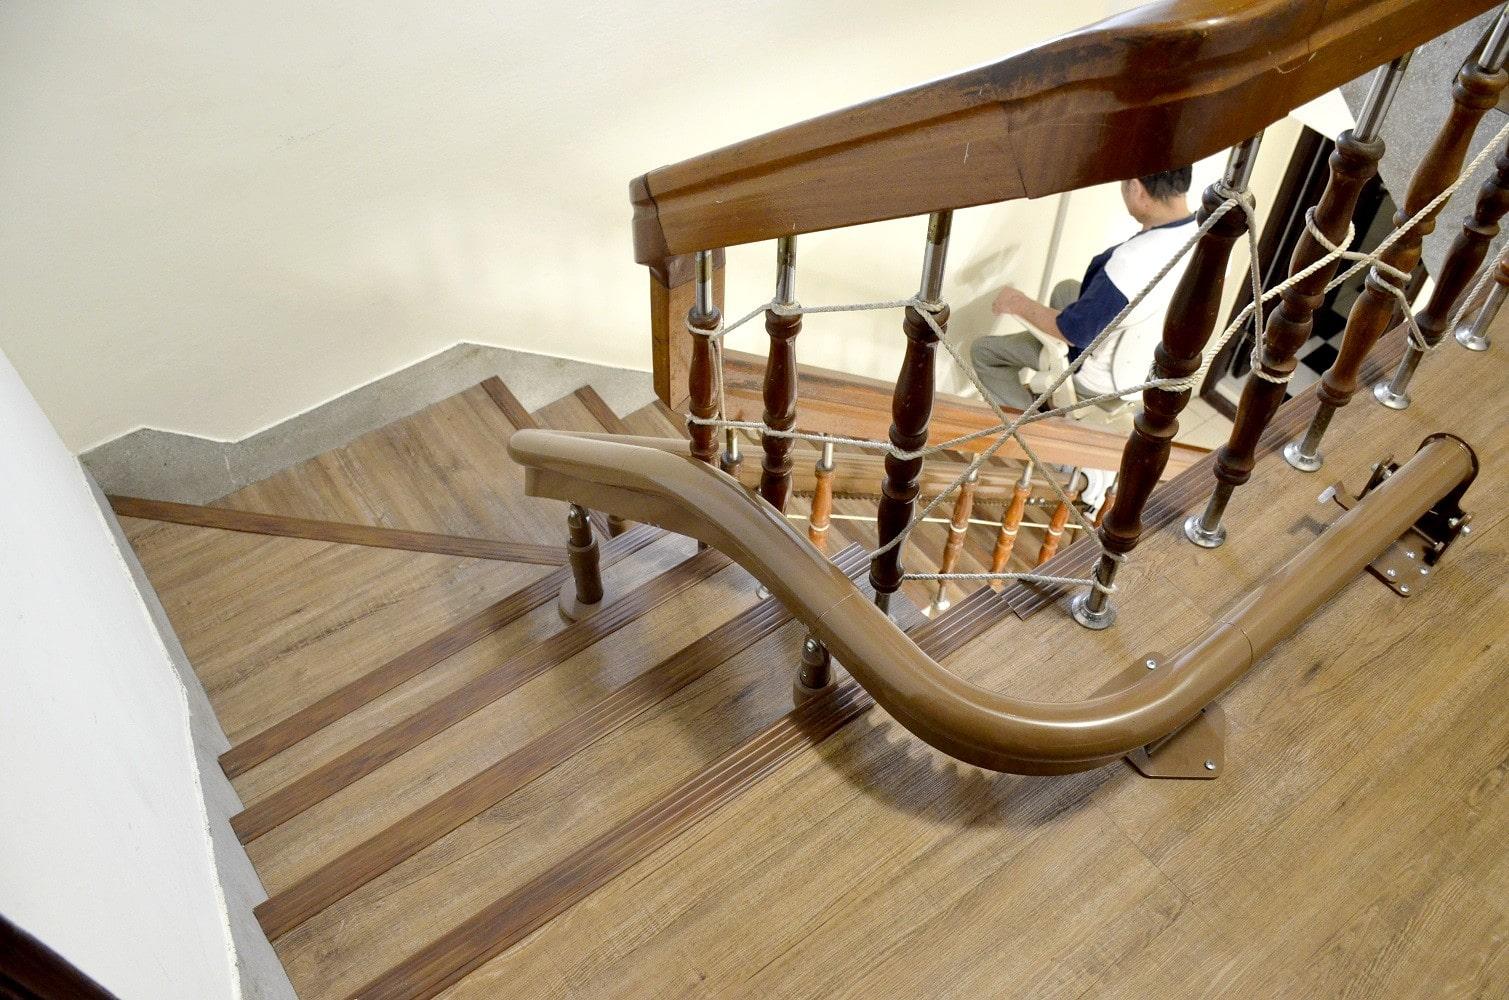 台中陳大哥一家好評的樓梯升降椅